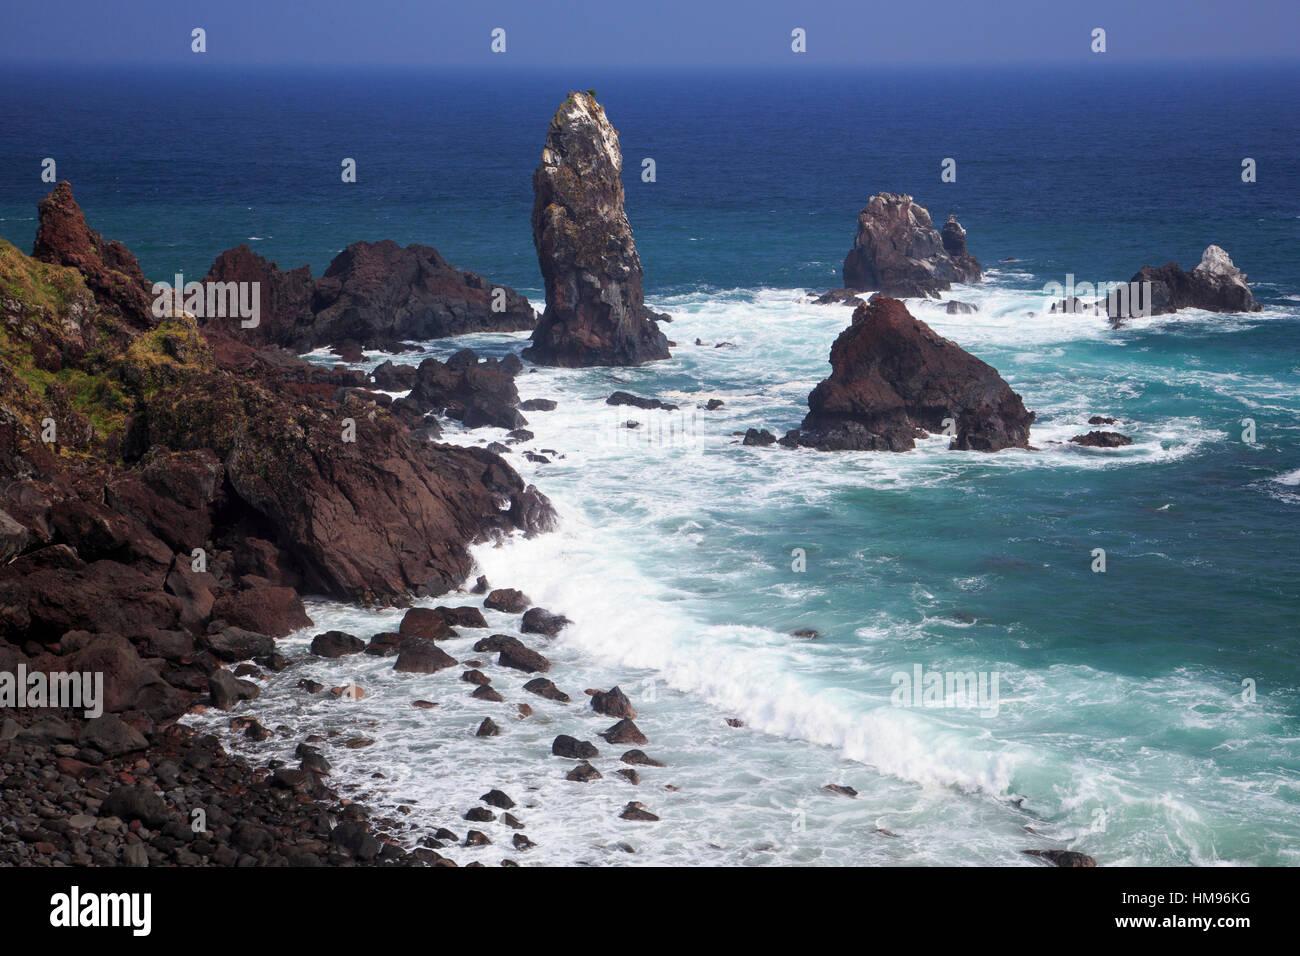 Seopjikoji Cape, Jeju Island, South Korea Stock Photo